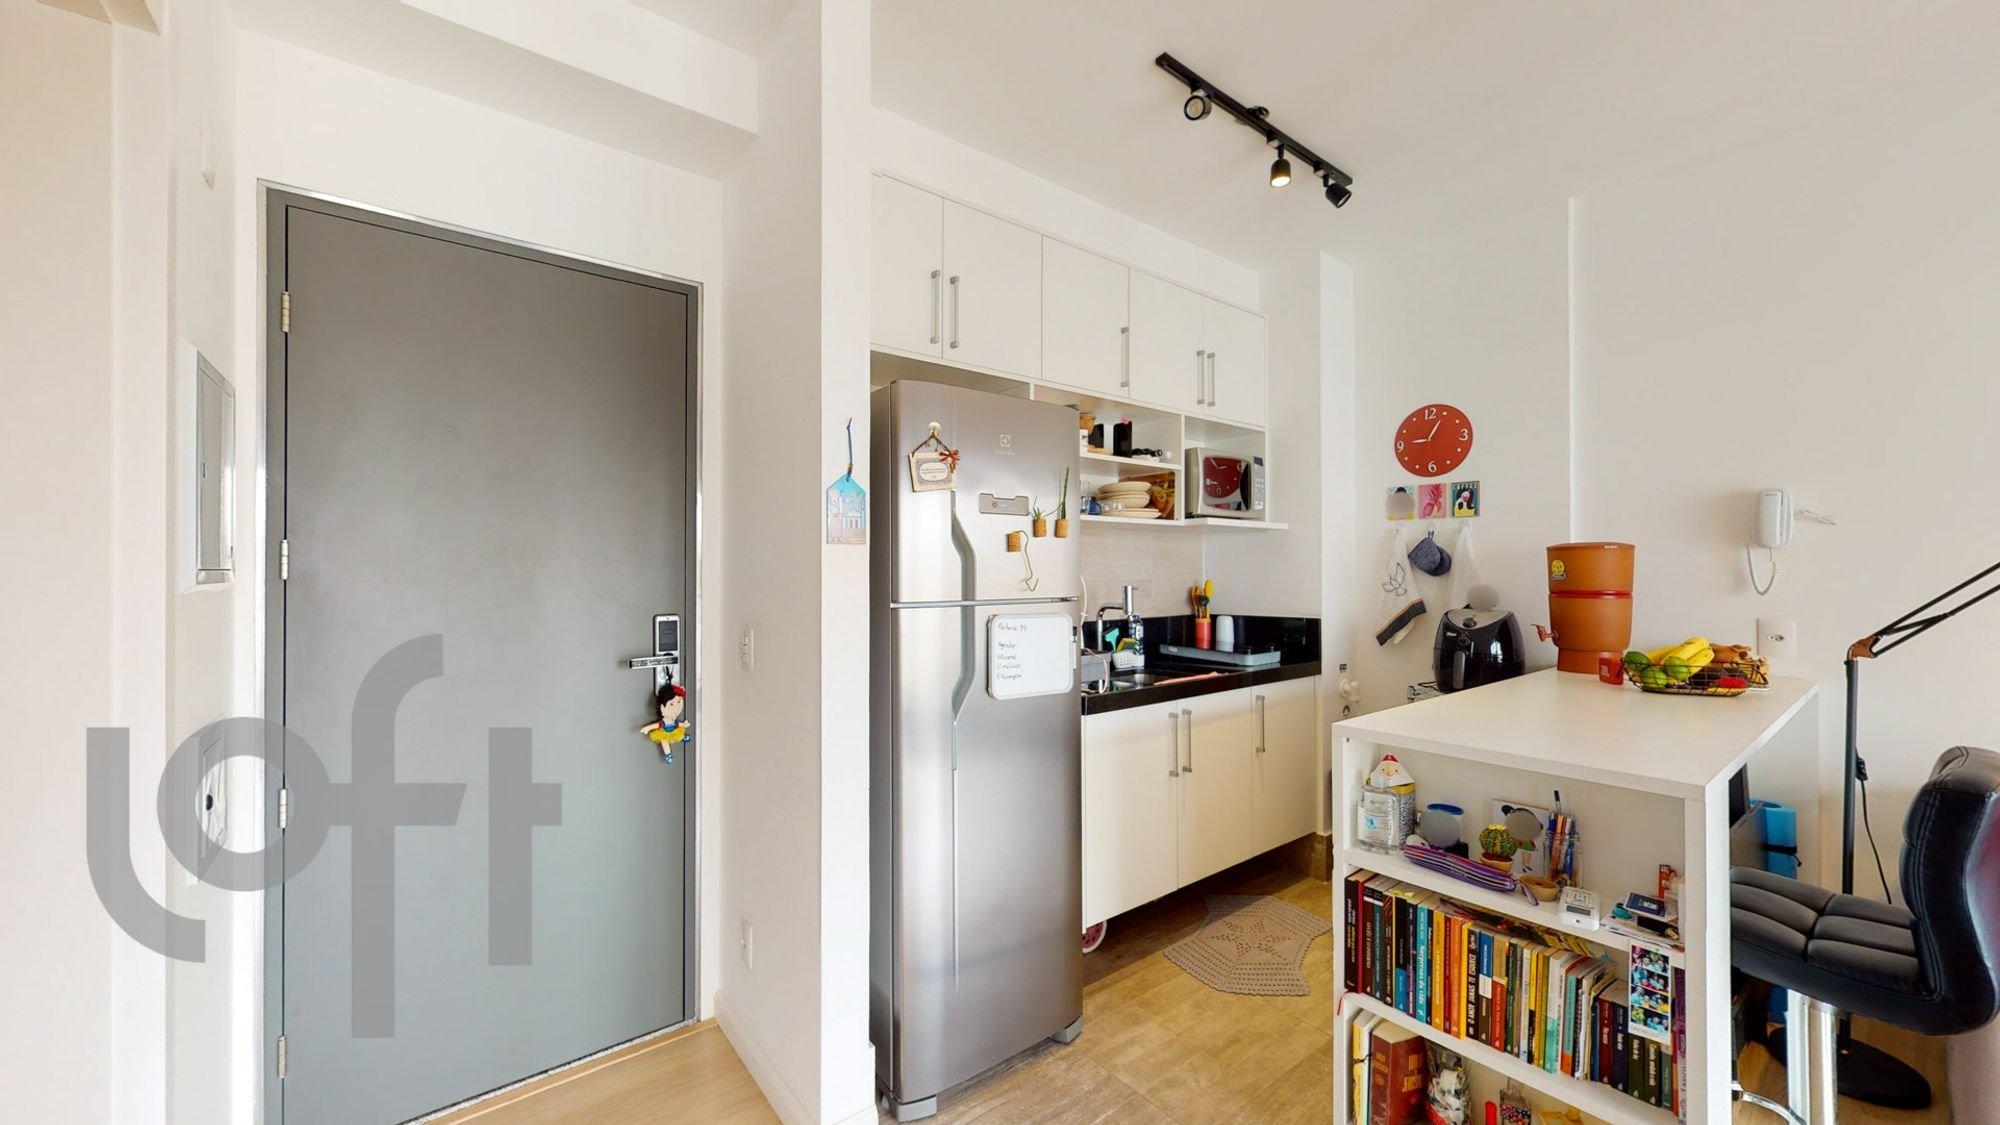 Foto de Cozinha com geladeira, relógio, livro